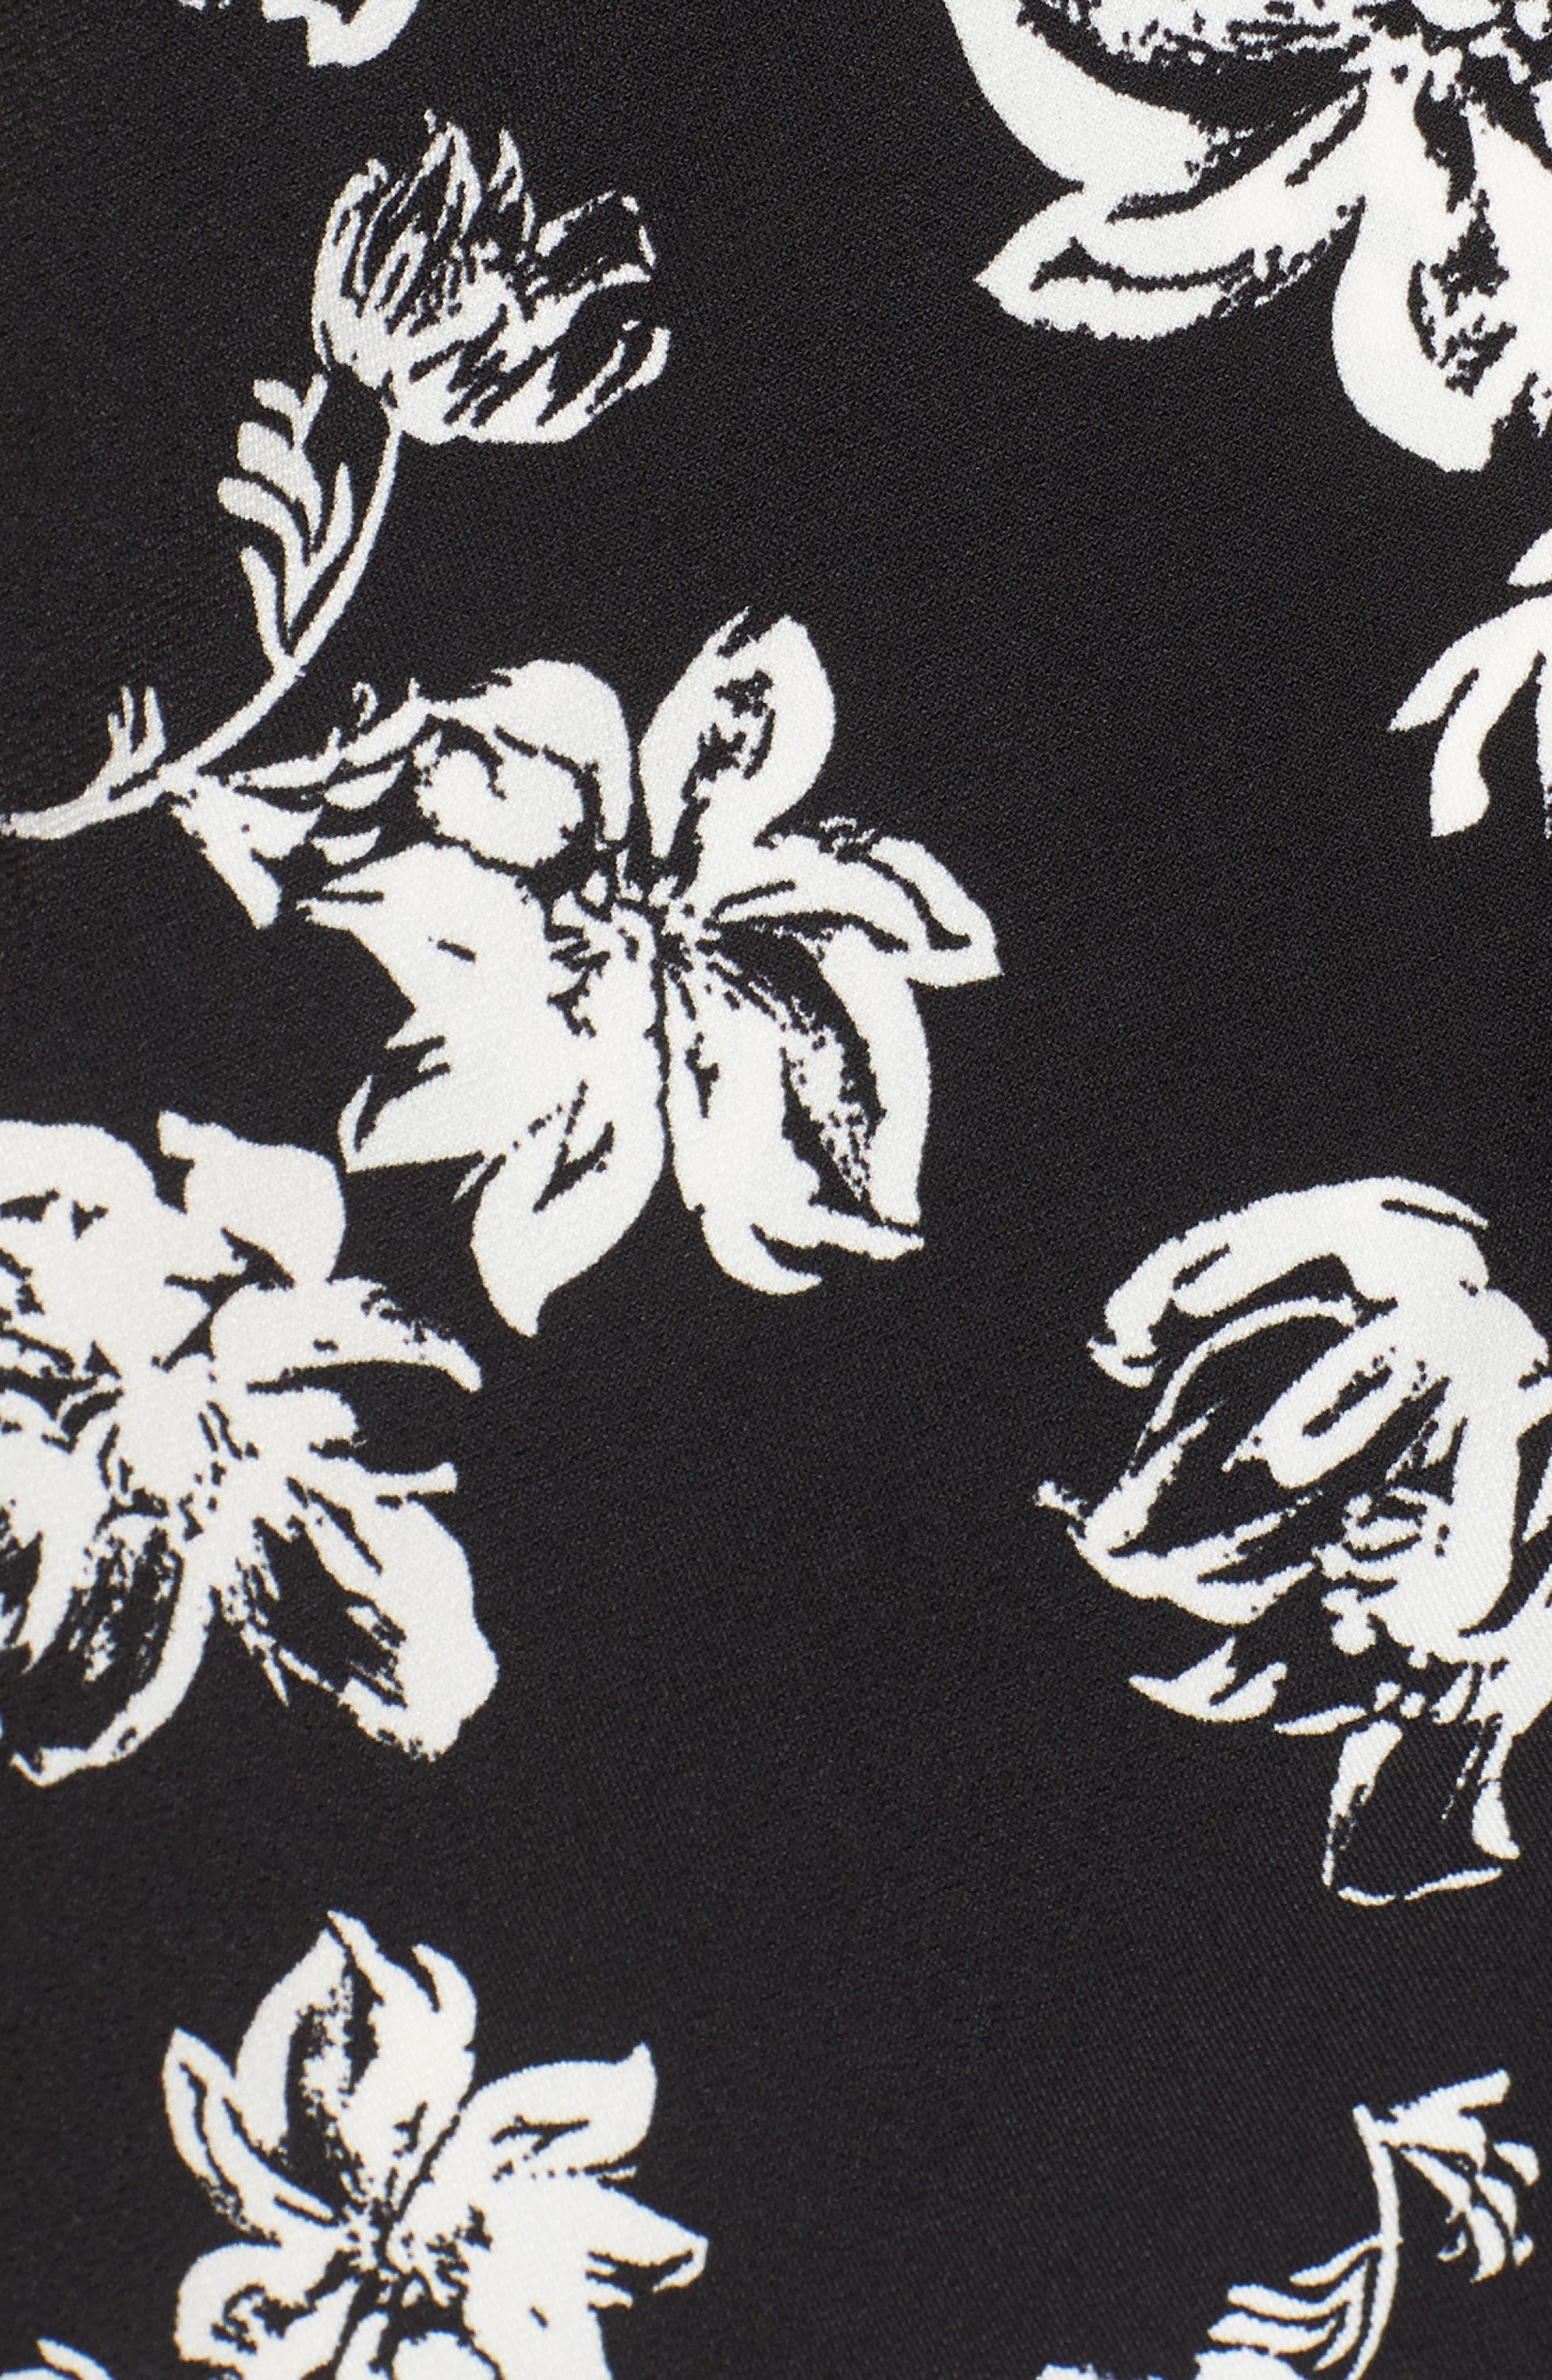 Floral Breeze Knot Front Top,                             Alternate thumbnail 5, color,                             060-Rich Black